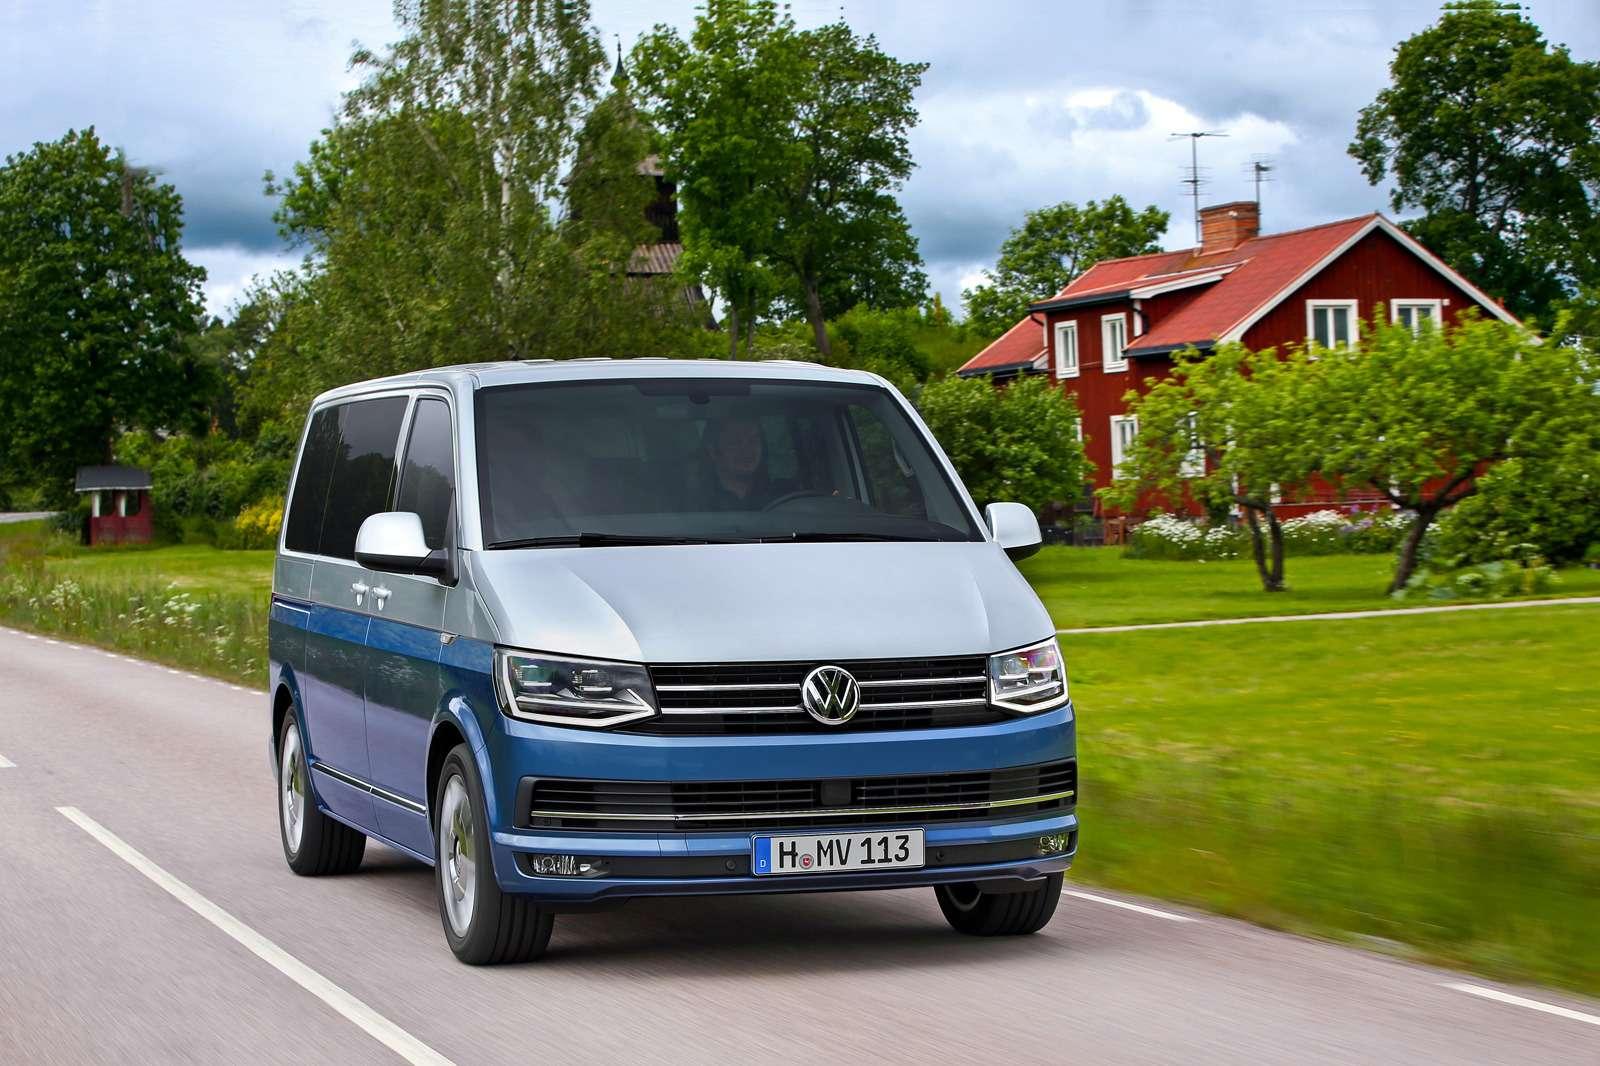 00-VW-T6_zr-09_15